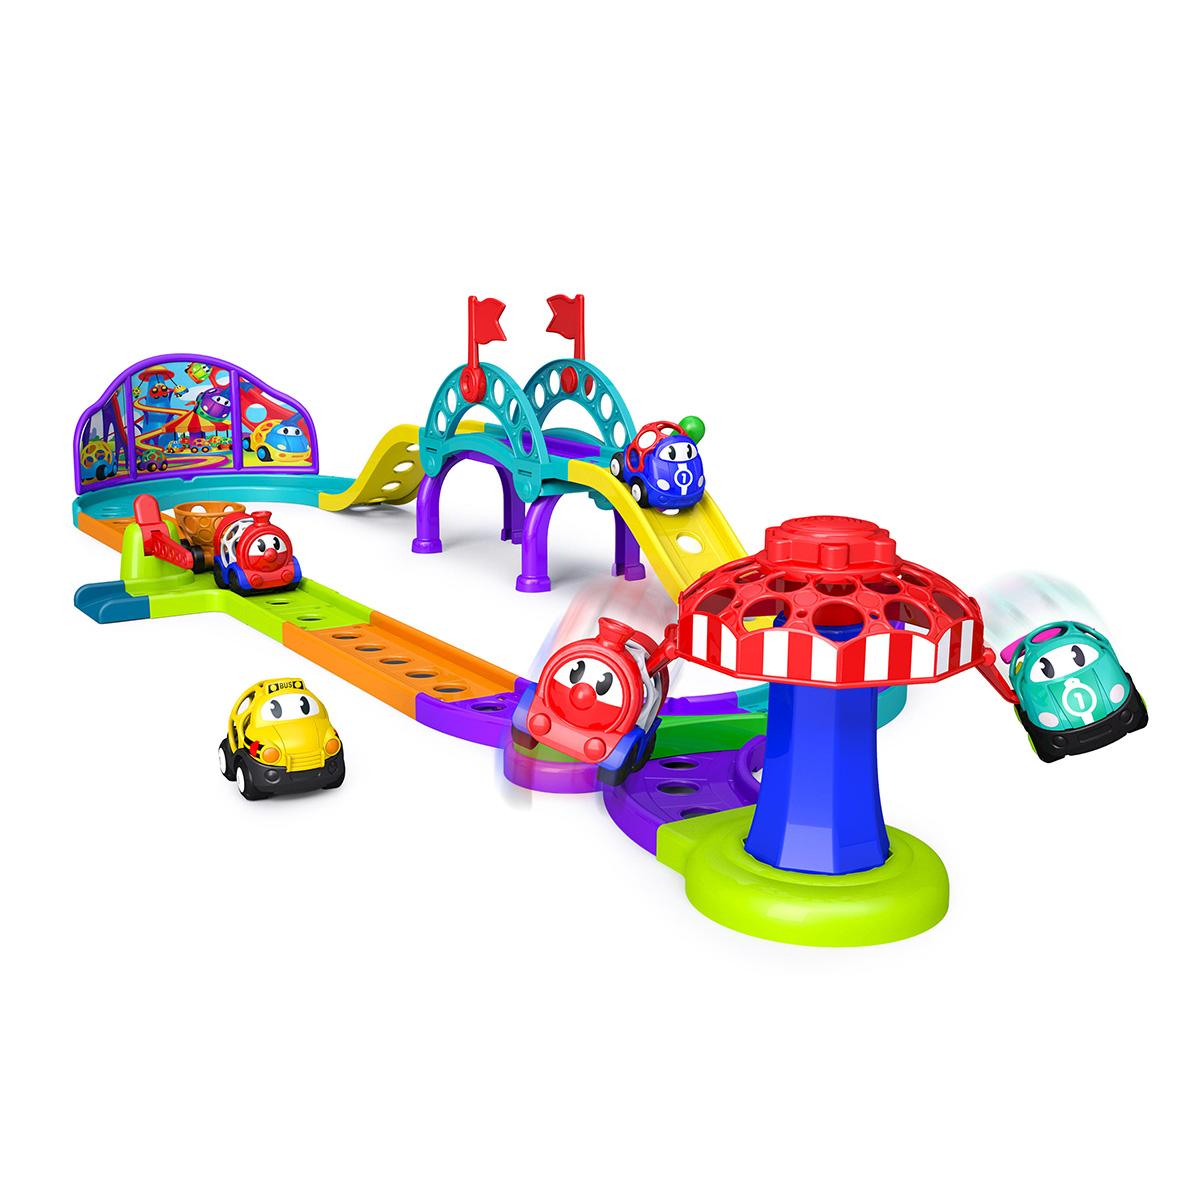 Billede af Oball bilbane - Go Grippers Amusement Park Playset